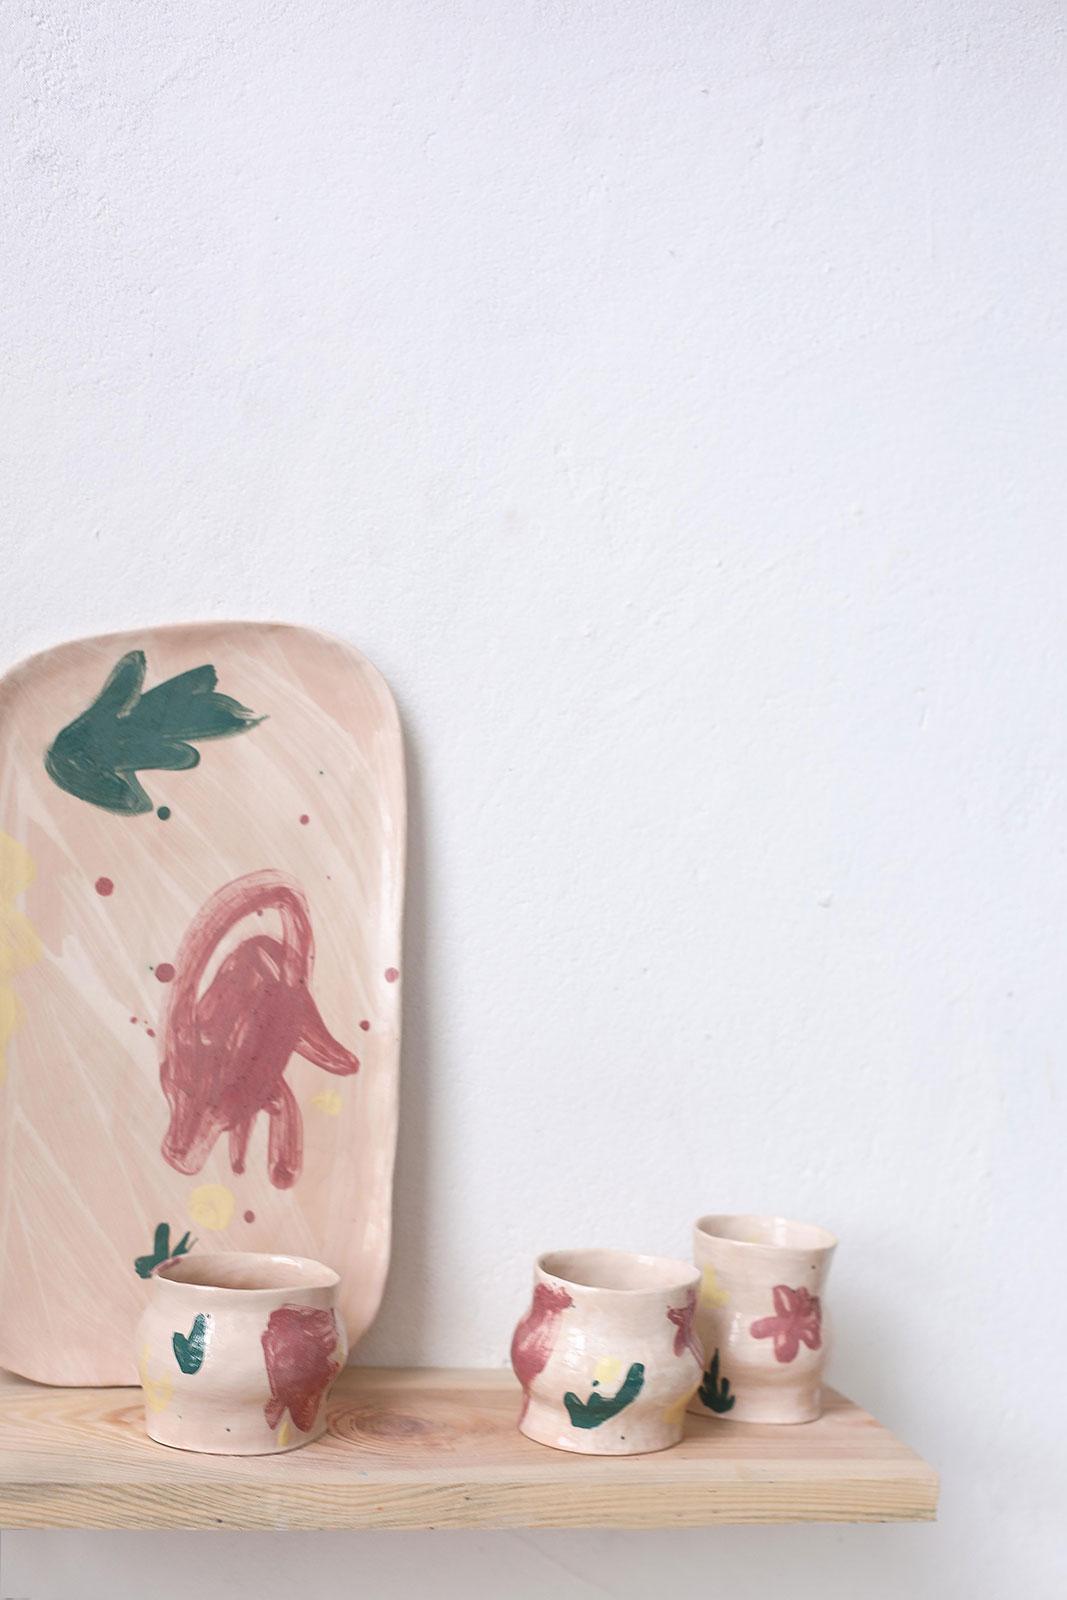 Декоративна плоска тарілка з кераміки - Набір «Невимушеність №2» (Ручна робота)